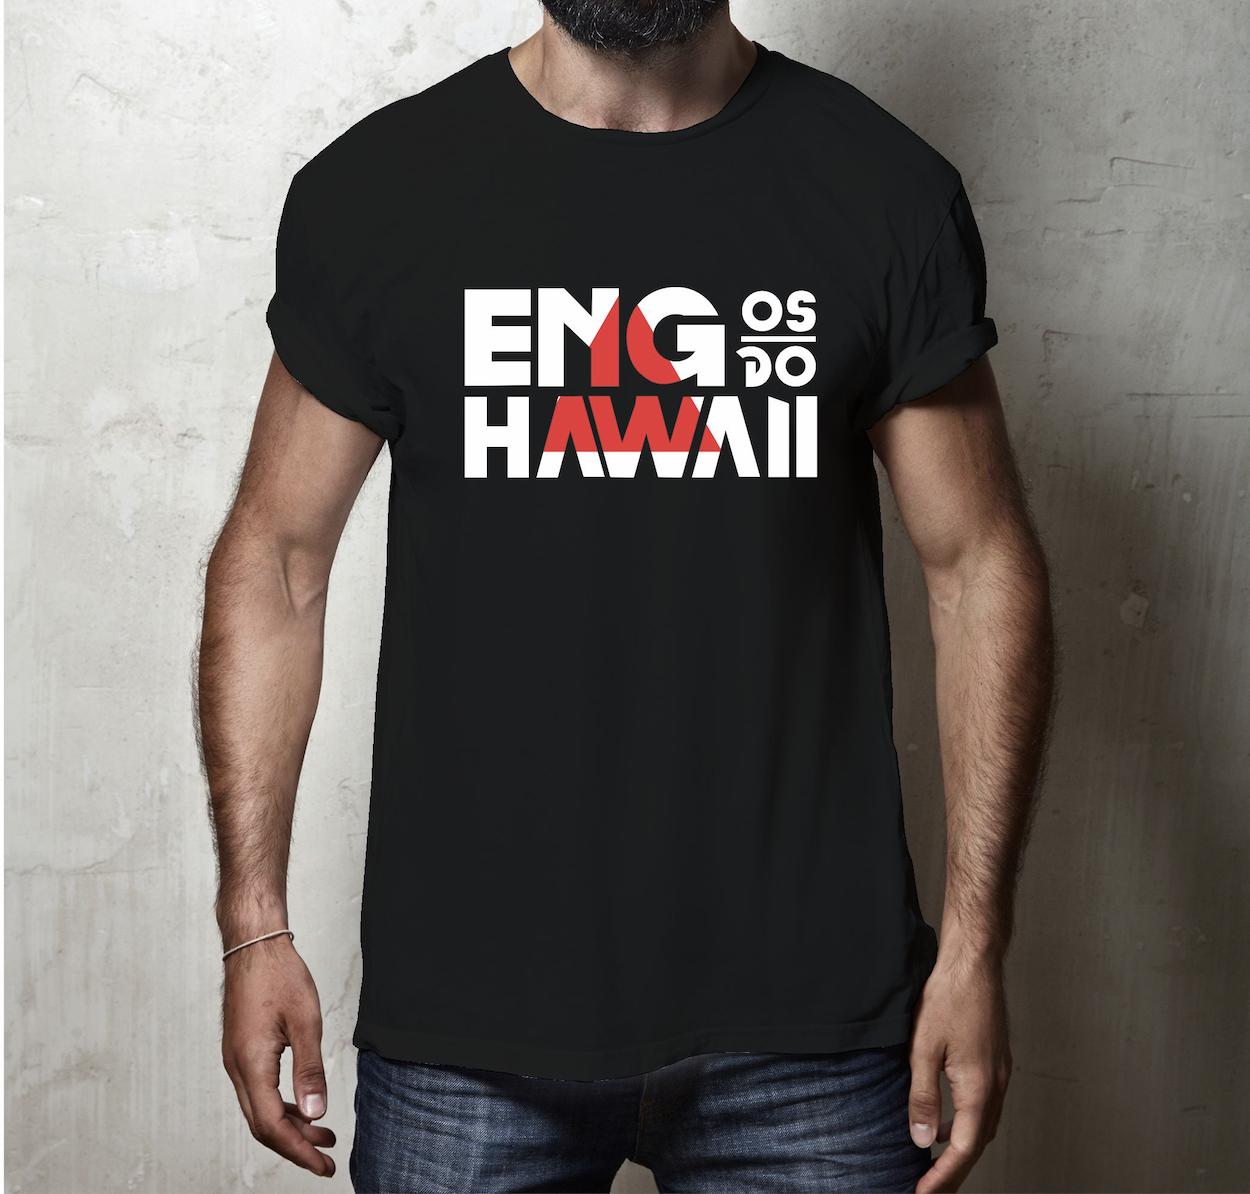 Camiseta Engenheiros do Hawaii - Minas (ENVIO EM ATÉ 5 DIAS UTEIS)